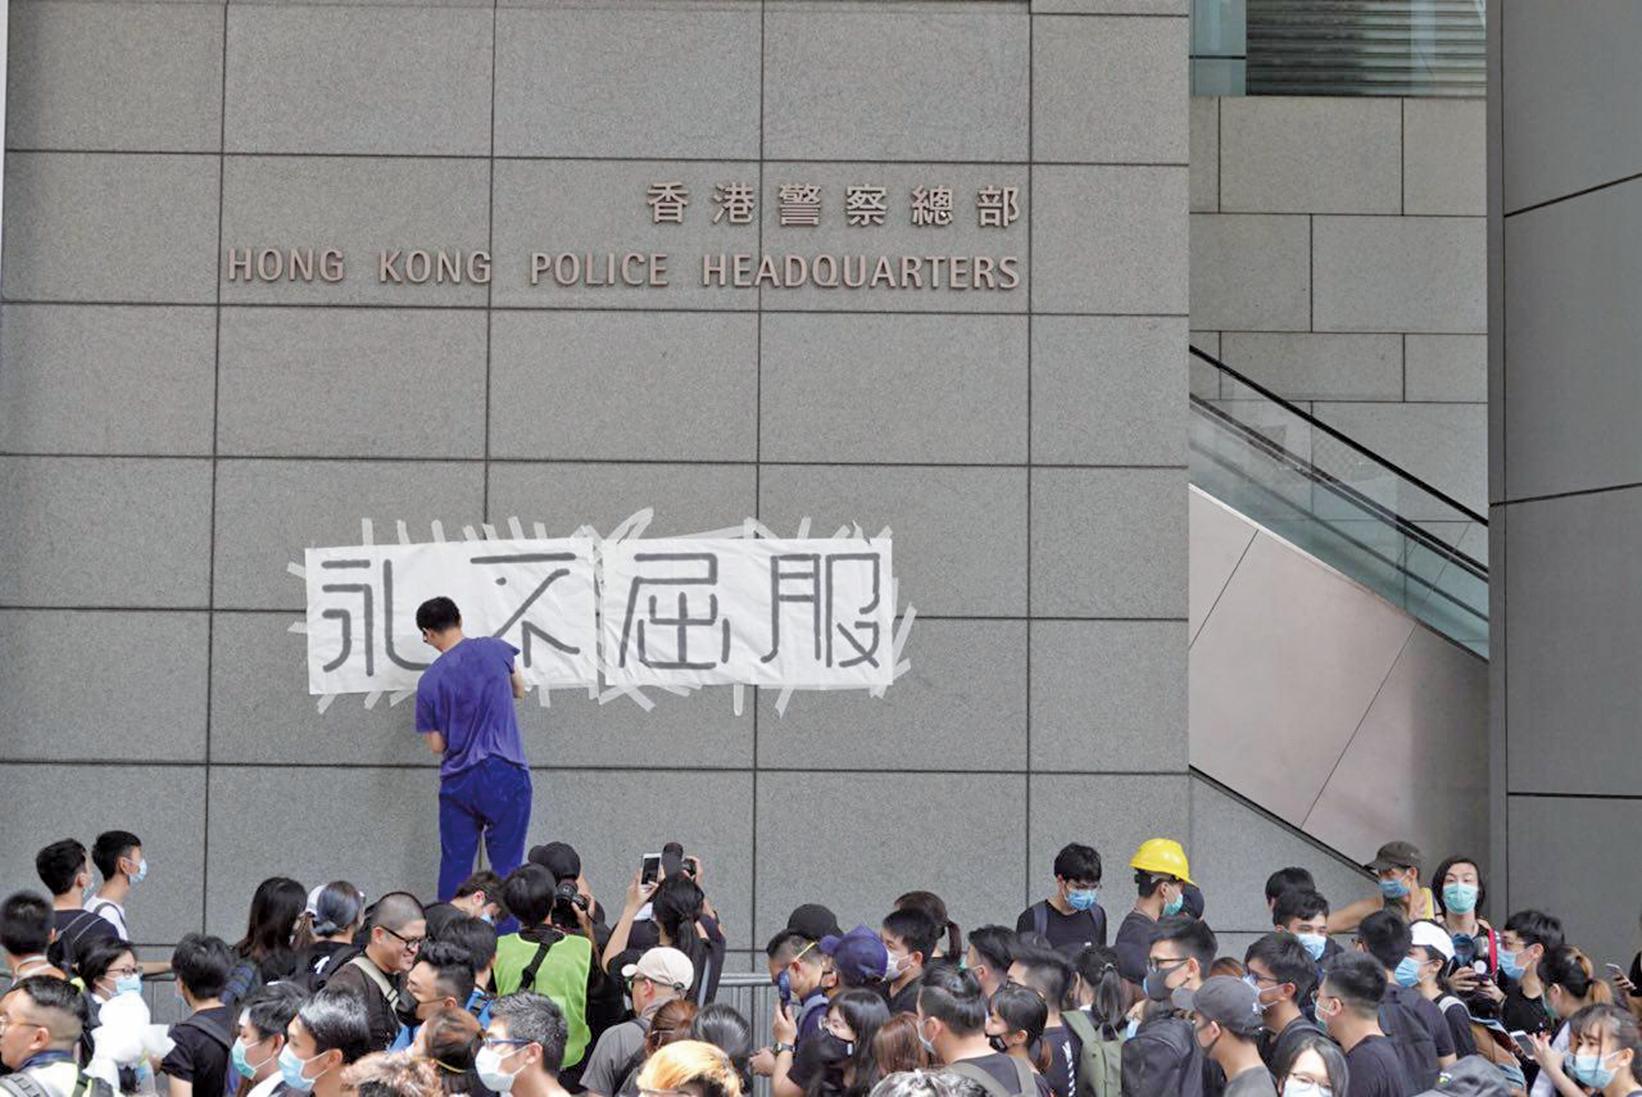 由於特首林鄭月娥未限時回應撤回修訂《逃犯條例》等四項民眾訴求,香港大專學界及網民從6月21日早上7時開始包圍香港政府總部。圖為示威者在香港警總牆上貼上「永不屈服」四個大字。(余鋼/大紀元)